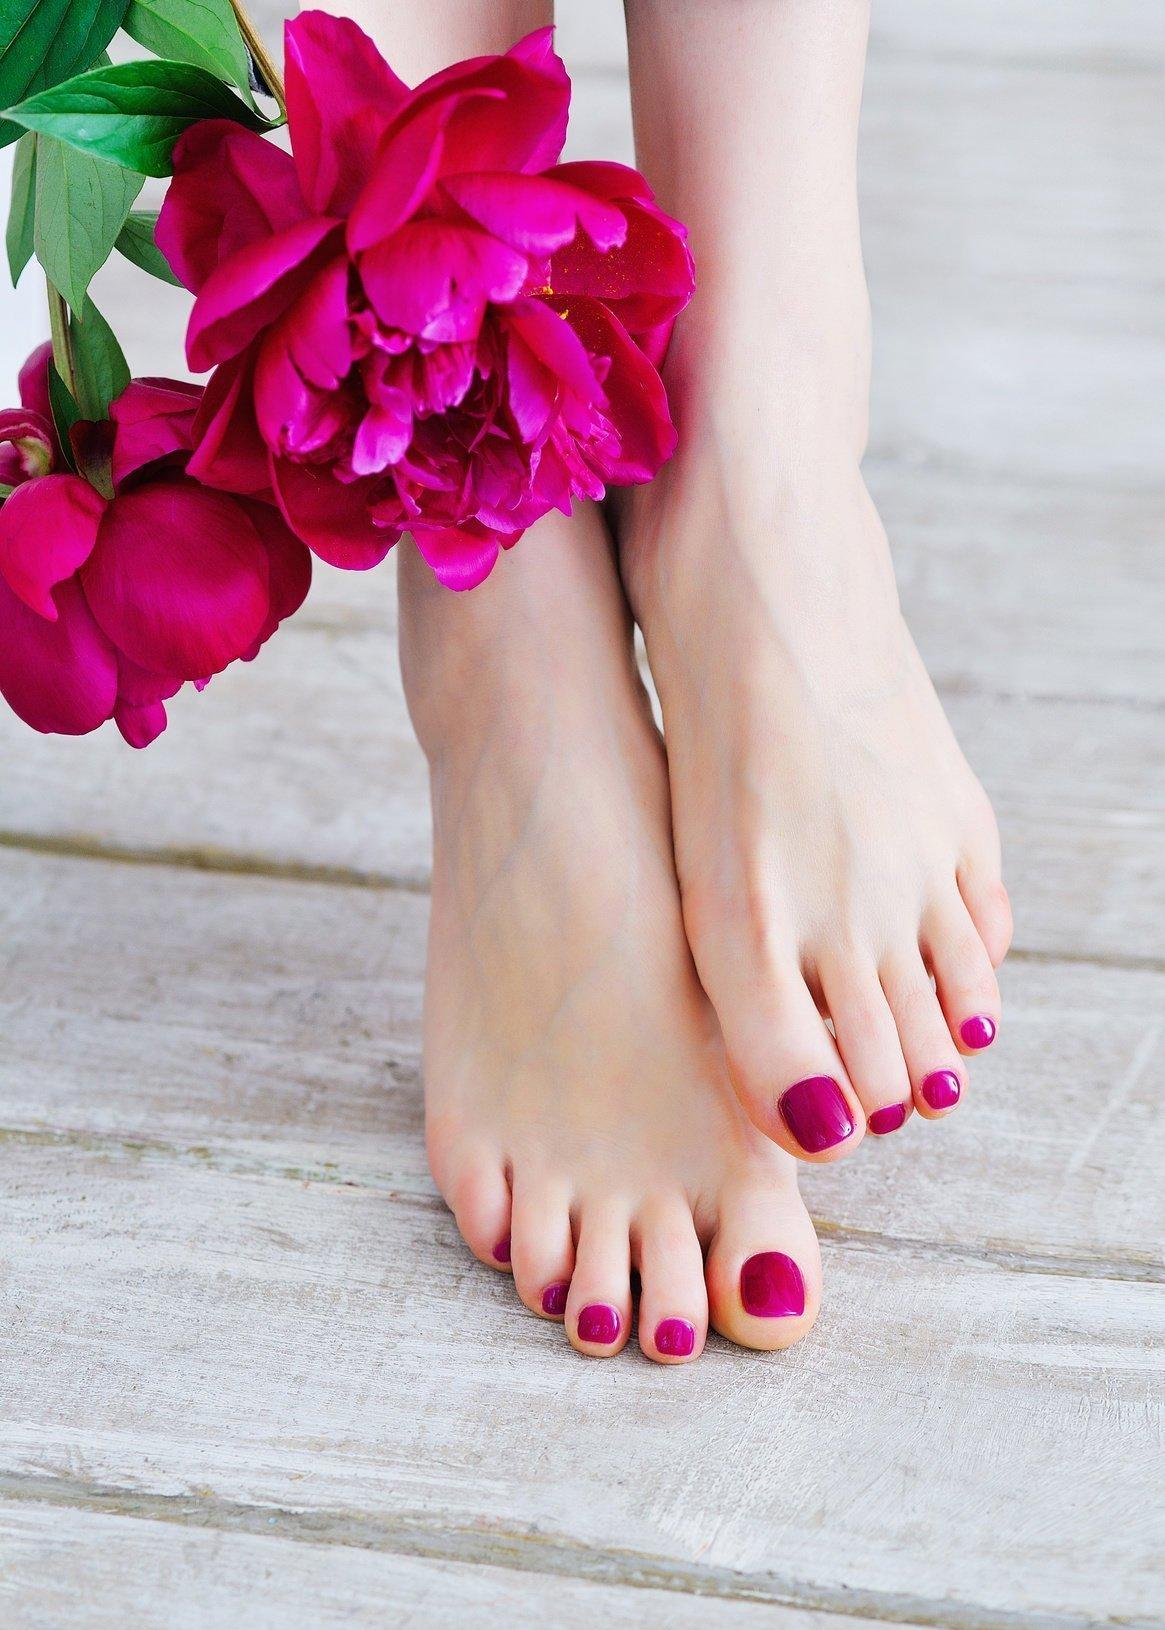 картинки с красивыми ступнями выбирали отзывам интернете